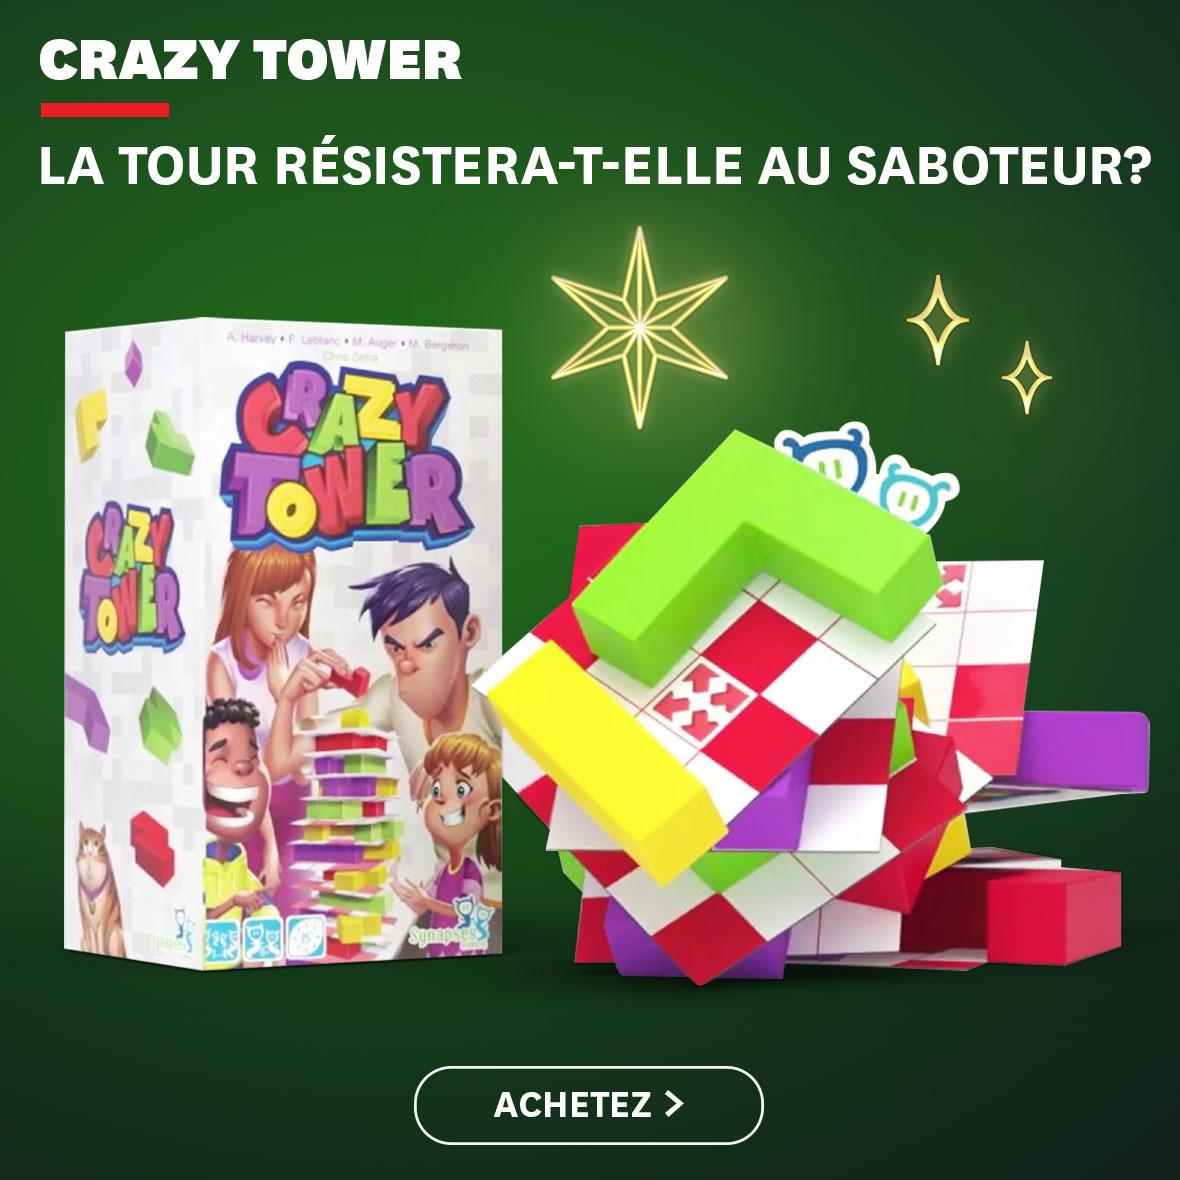 Crazy Tower : ;a tour résistera-t-elle au saboteur?